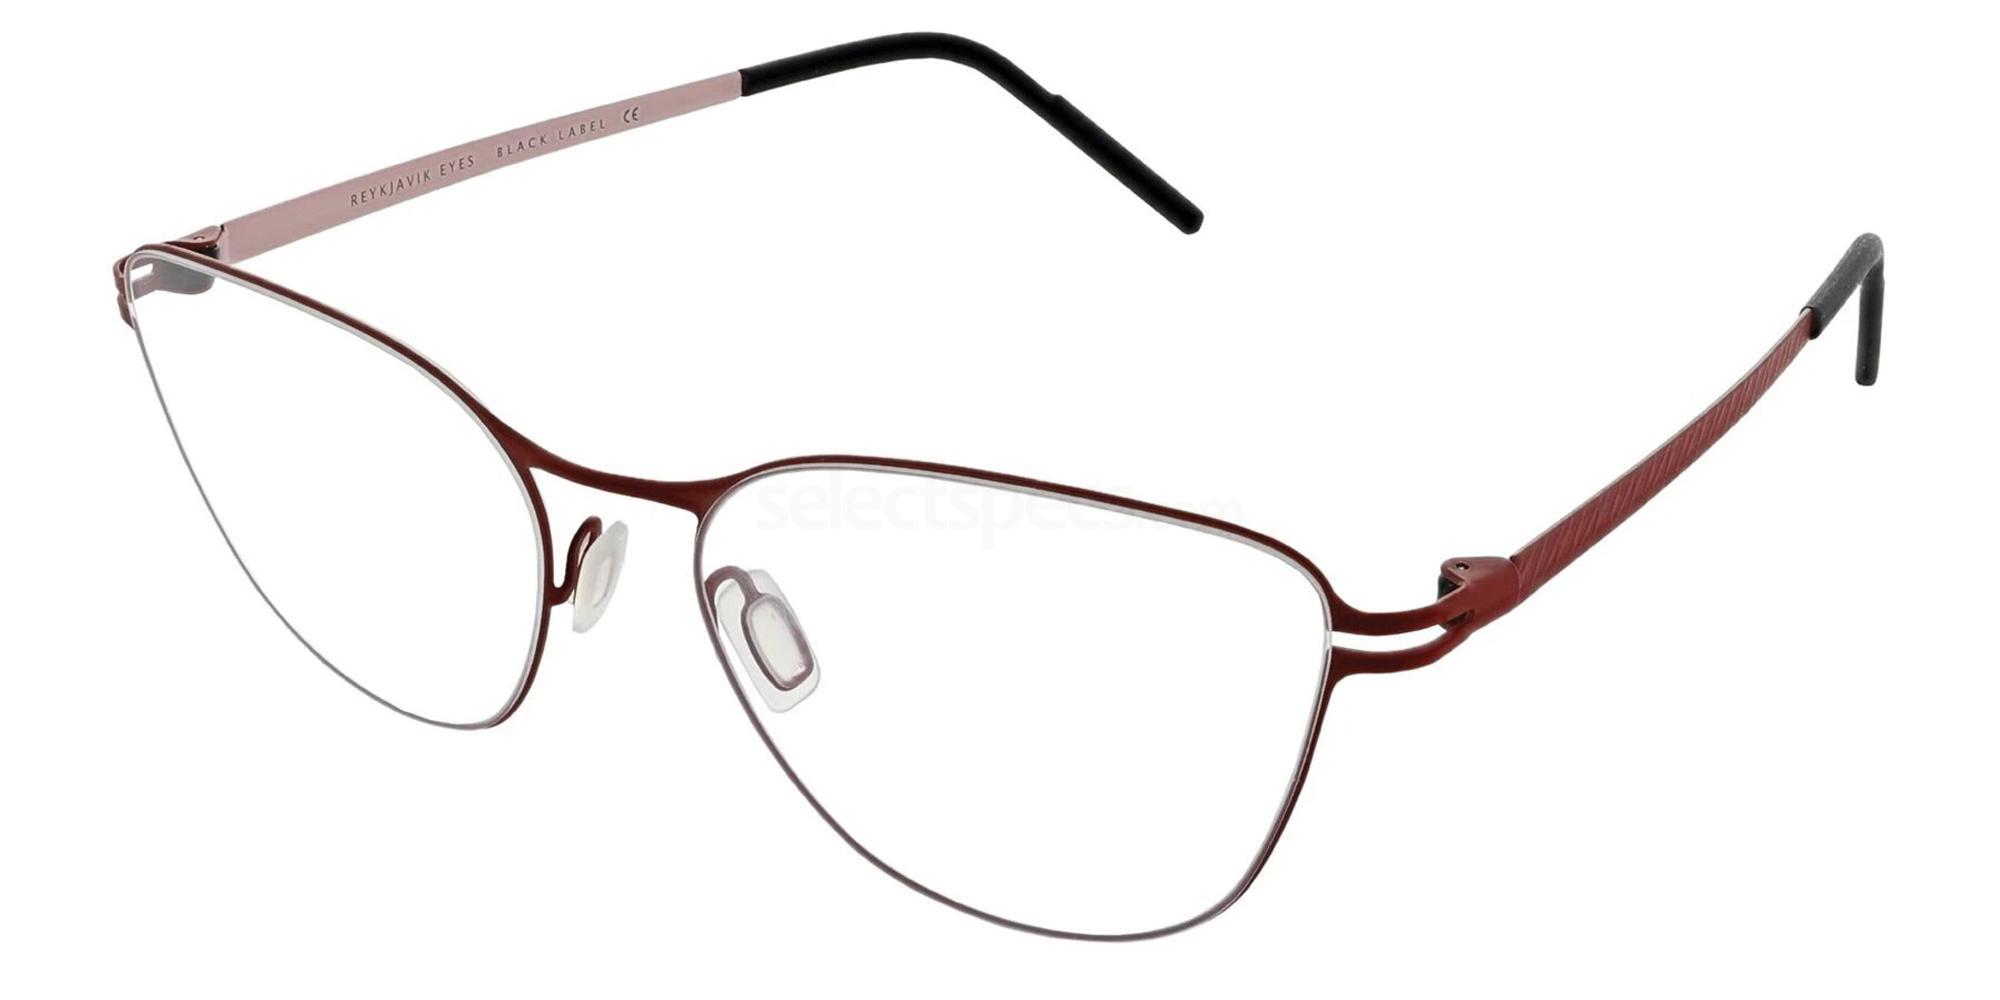 C1 ATHENA Glasses, Reykjavik Eyes Black Label